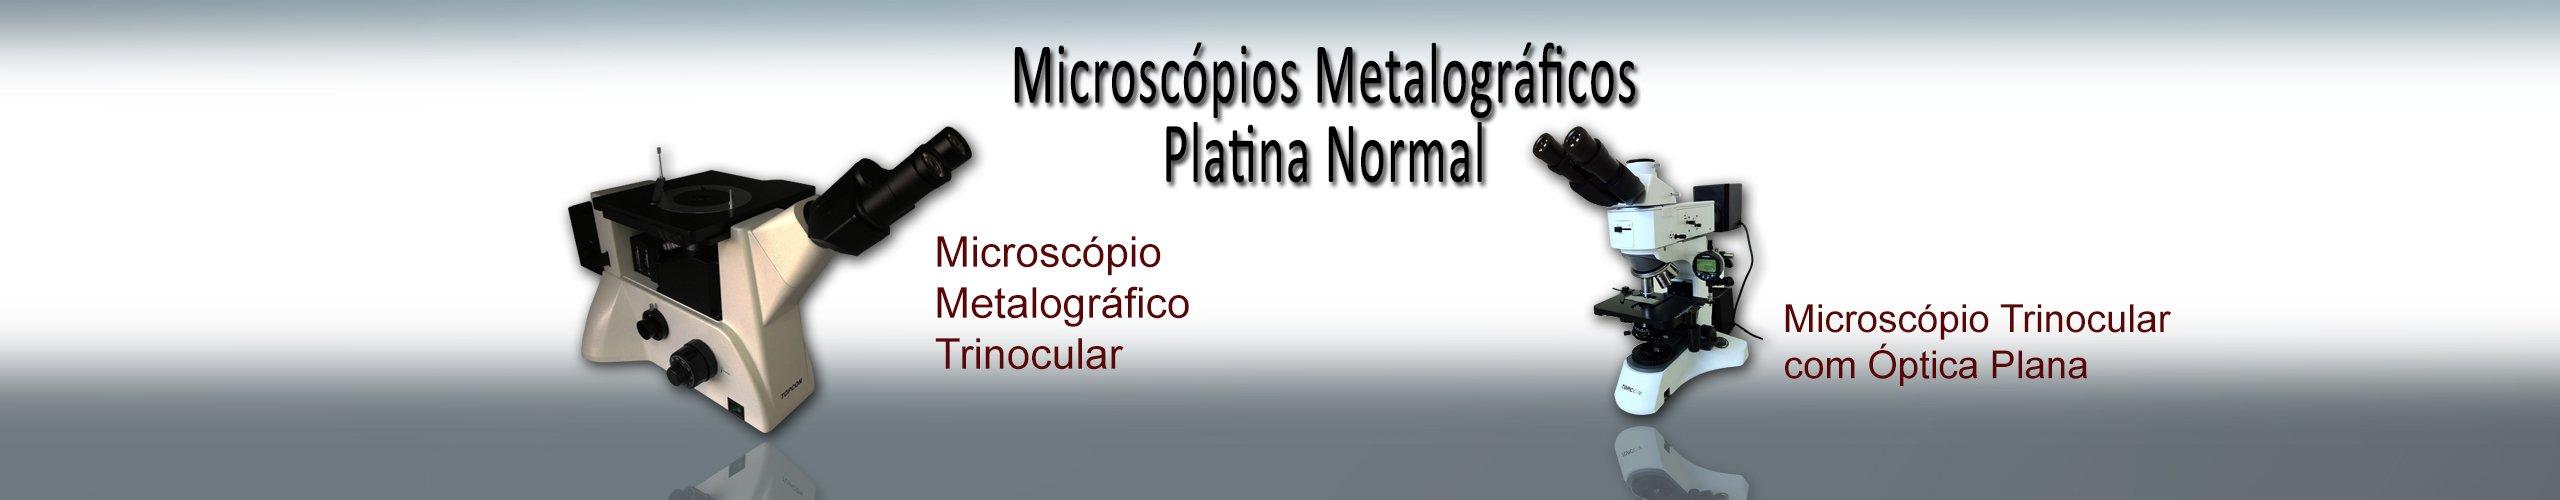 microscópio platina normal modelo 02